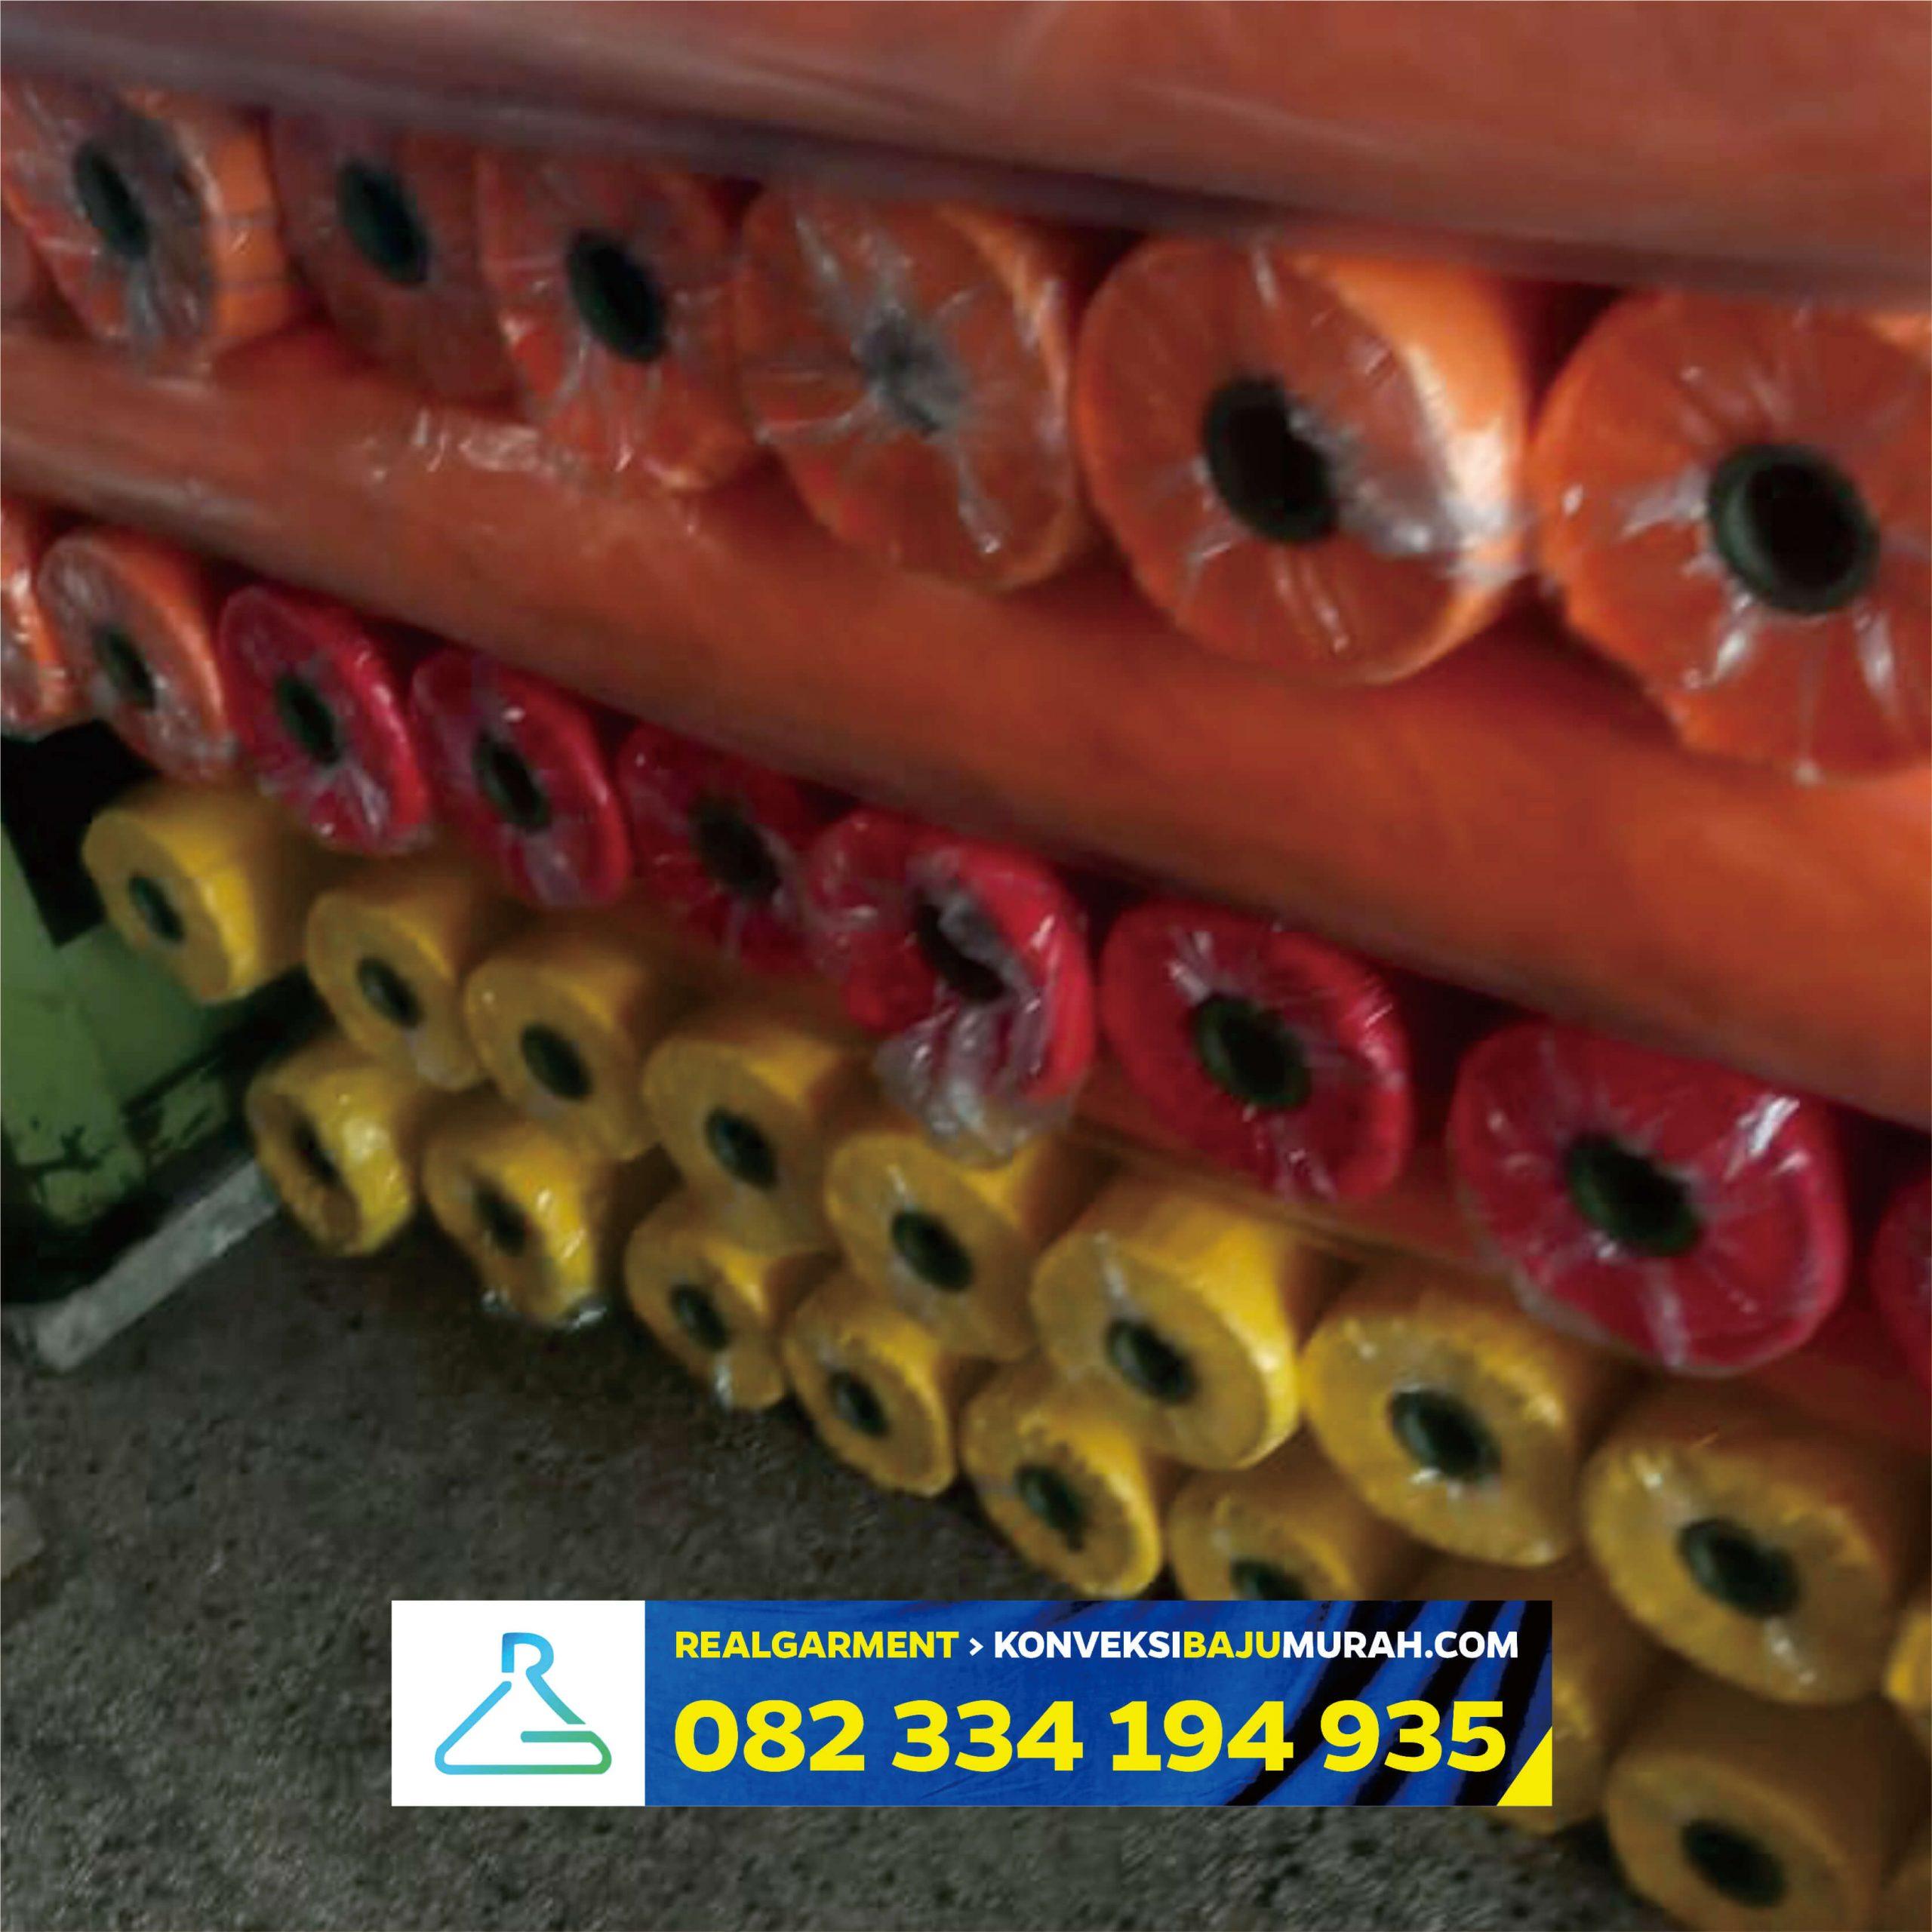 Pabrik Baju Hazmat Malang